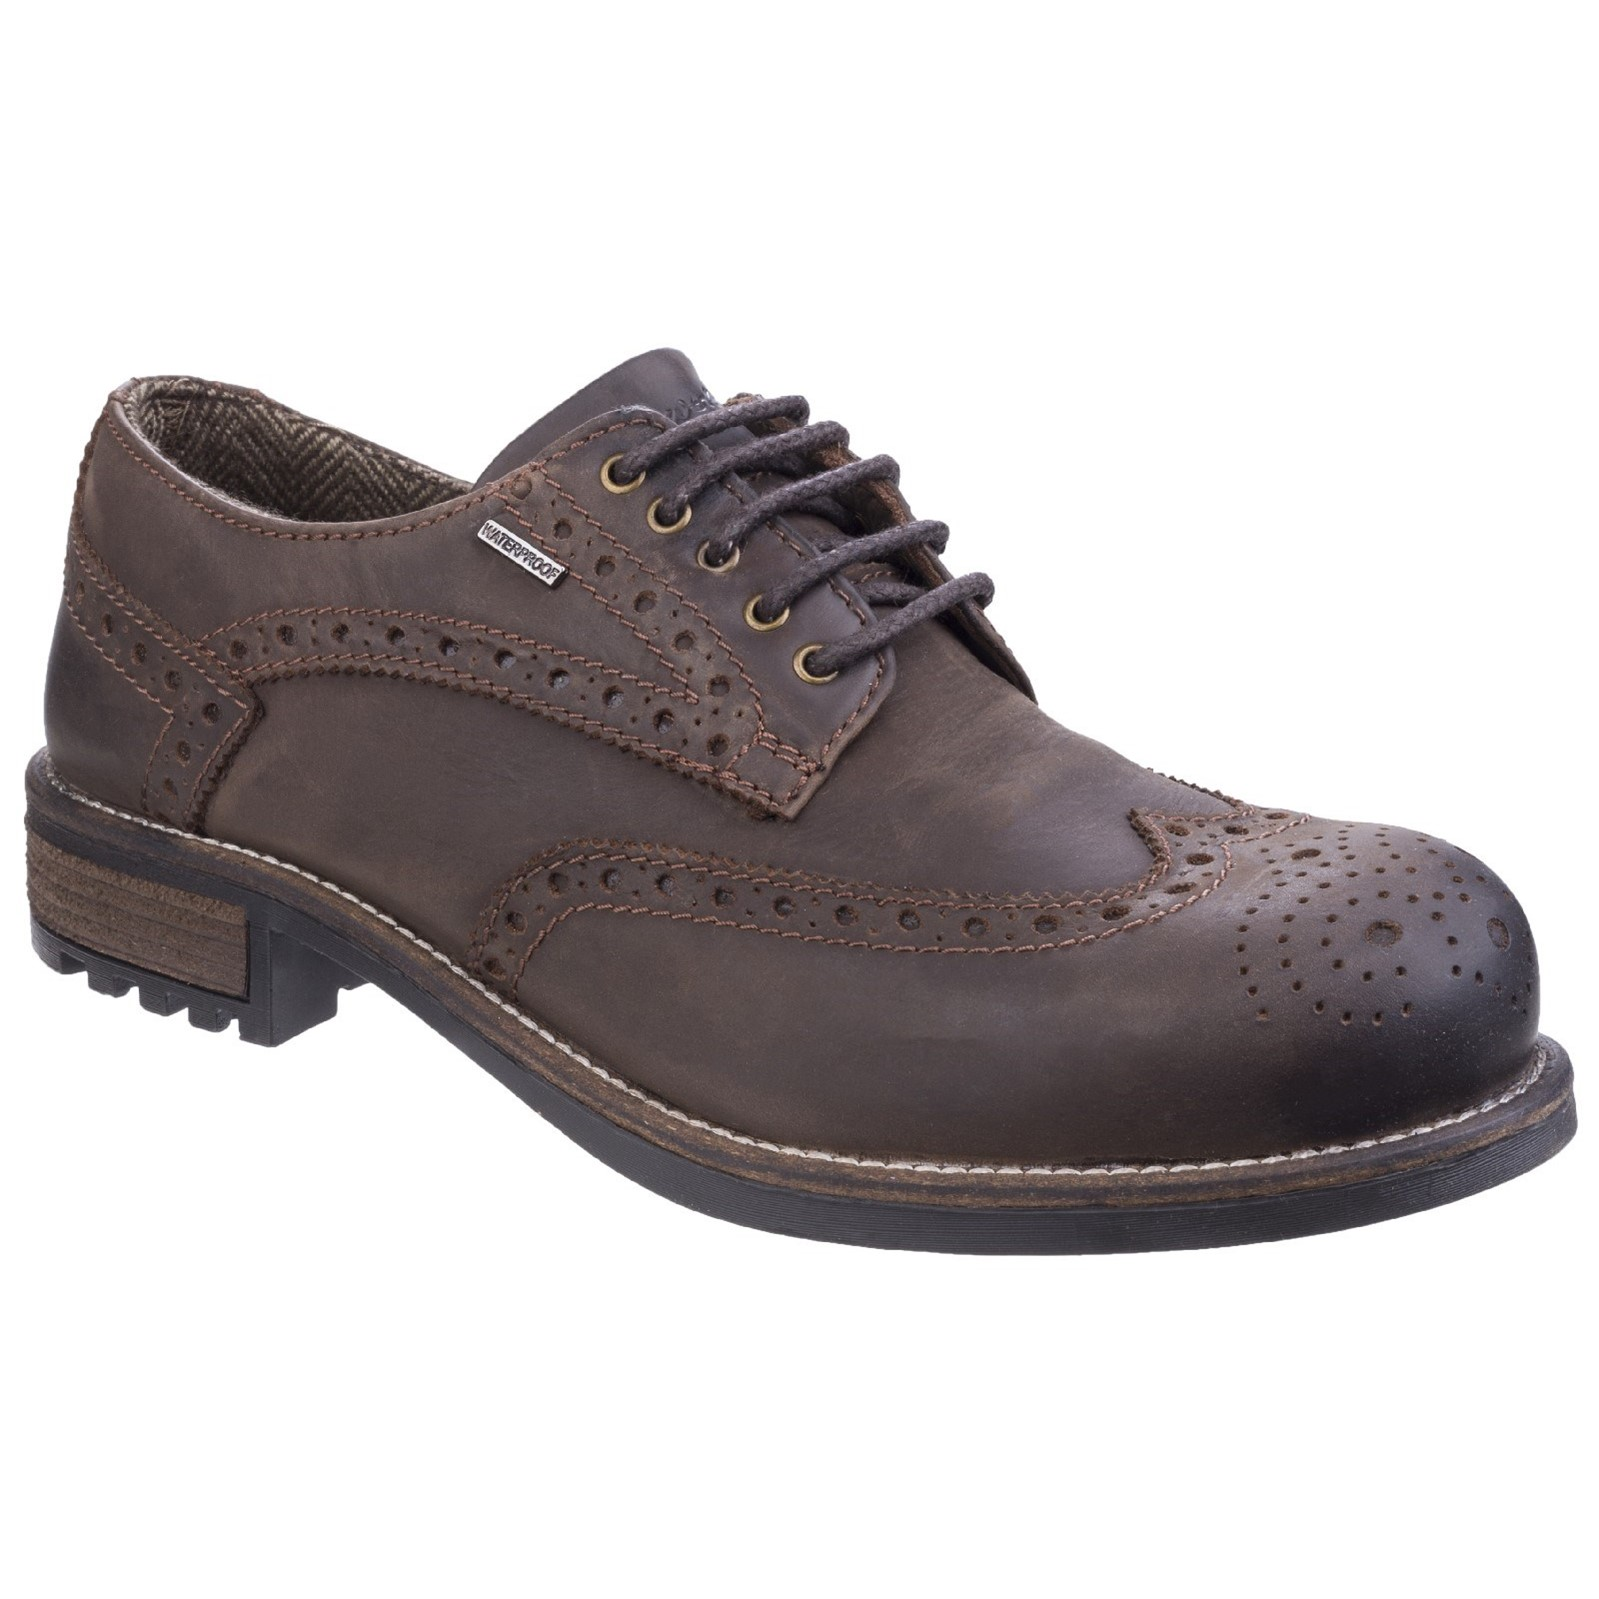 Scarpe casual da uomo  Cotswold Oxford allacciata confortevole impermeabile da uomo Scarpa oxford calata